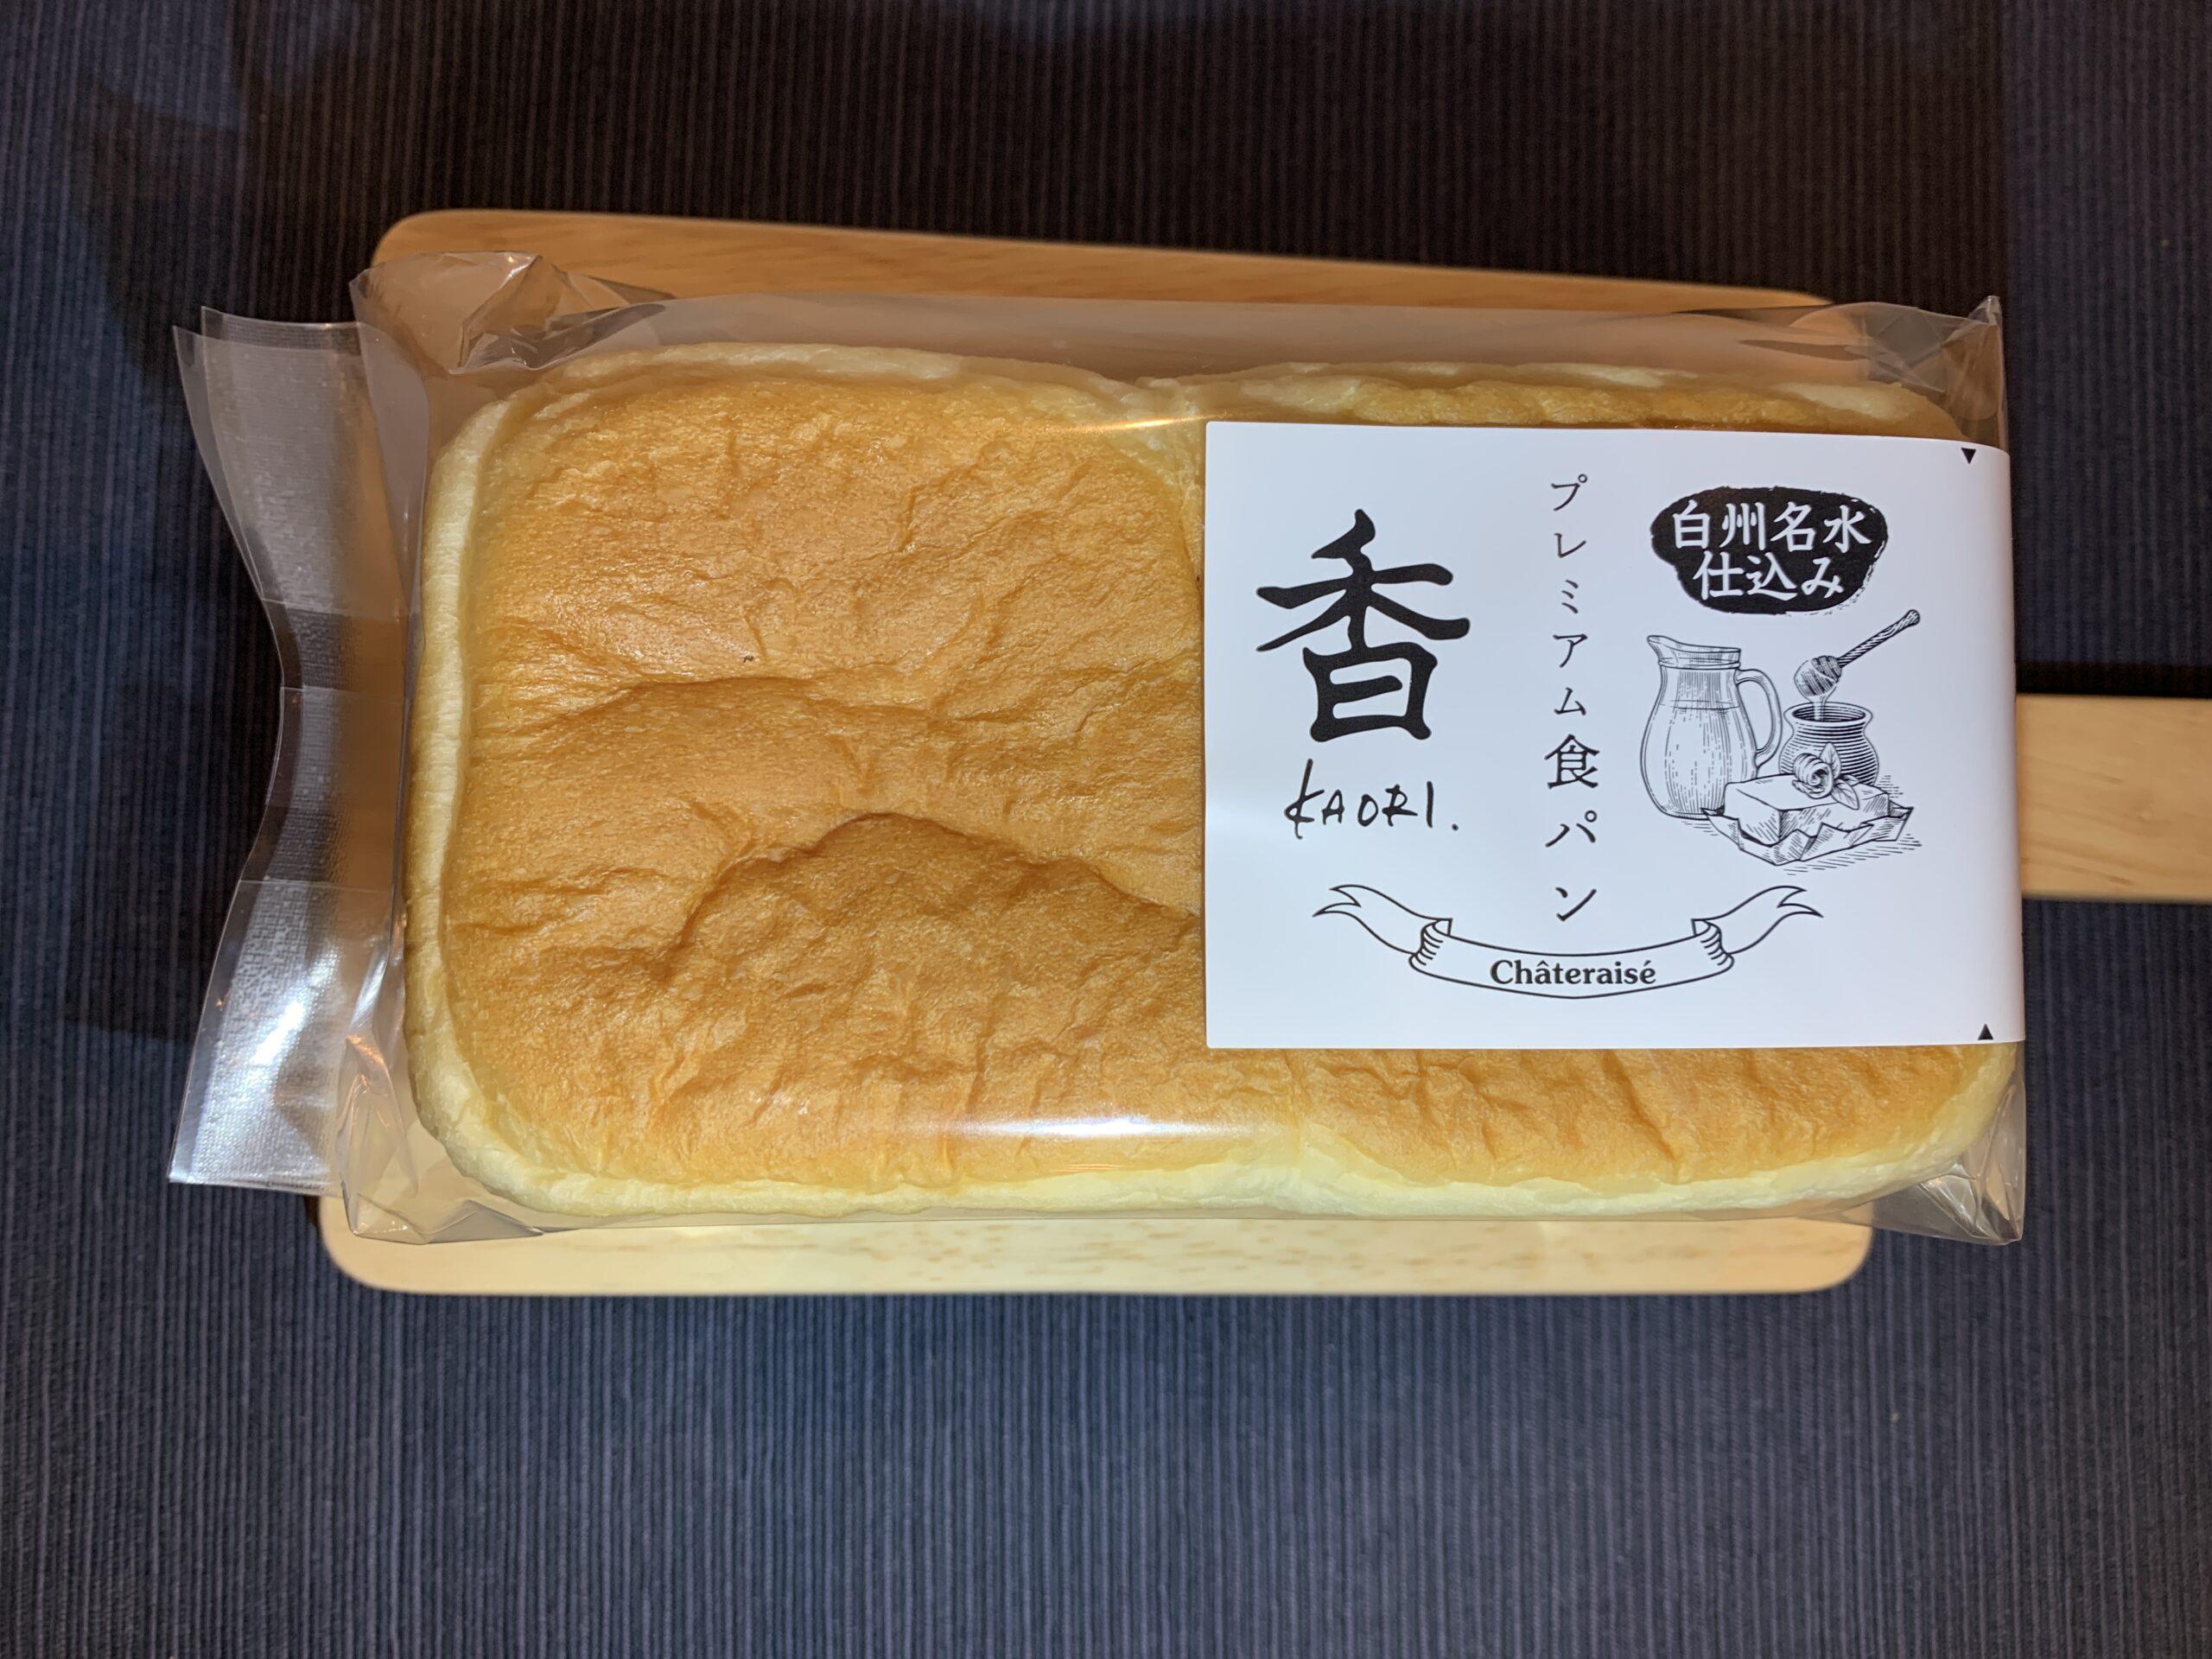 シャトレーゼの高級食パン・プレミアム食パン香は美味しい?